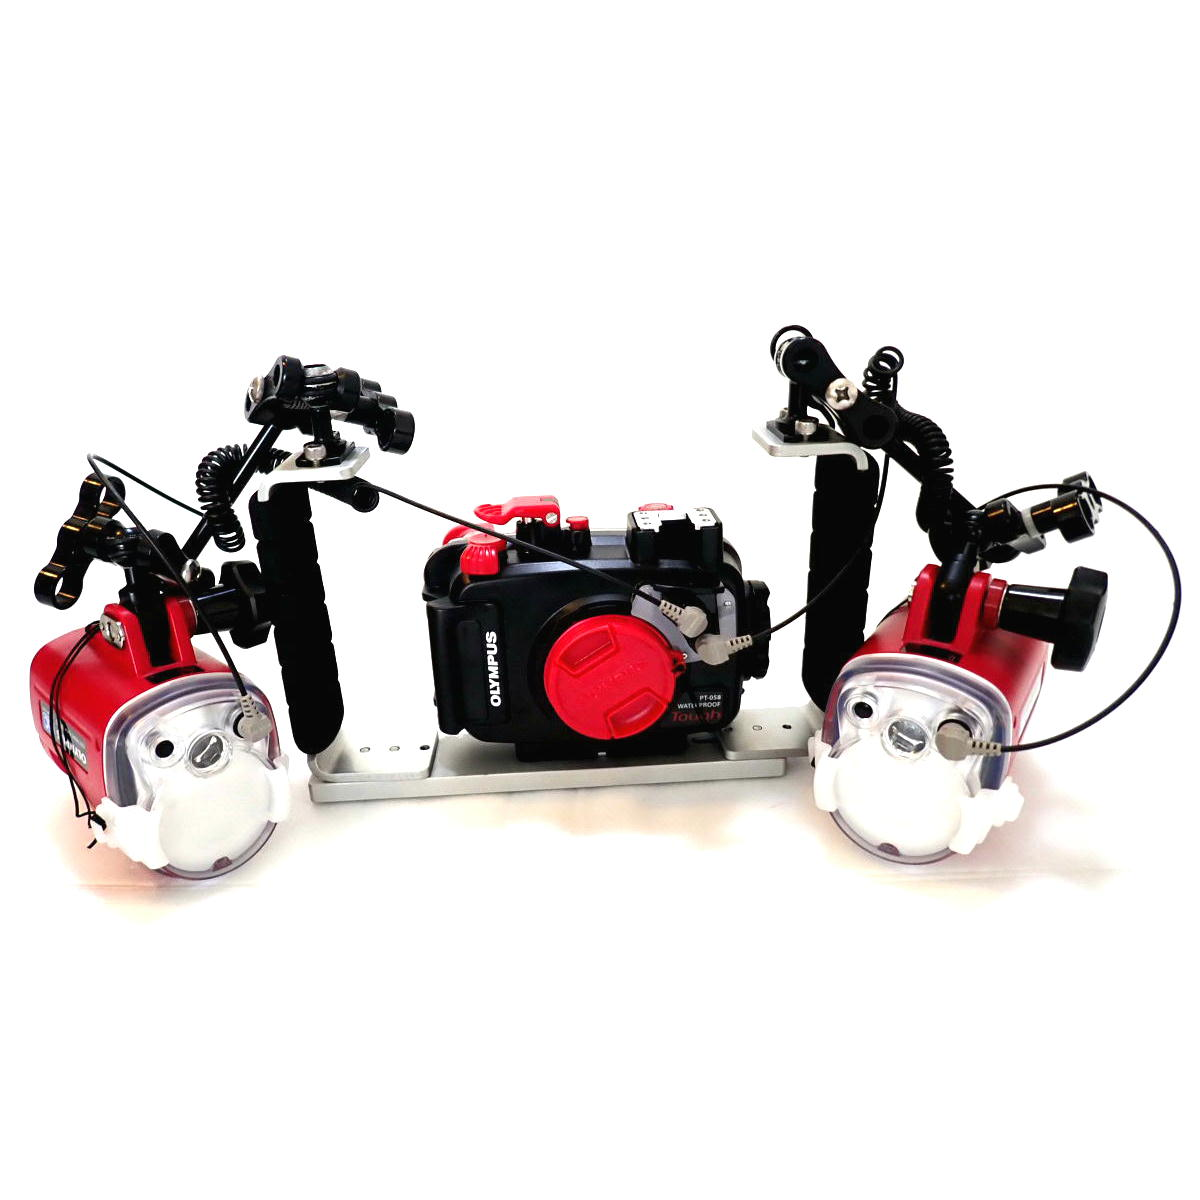 オリンパス TG-5 + PT-058(TG-5用防水プロテクター) + MPBK-02(両手グリップ)+ MPアームSセット + UFL-3フラッシュ(2灯)